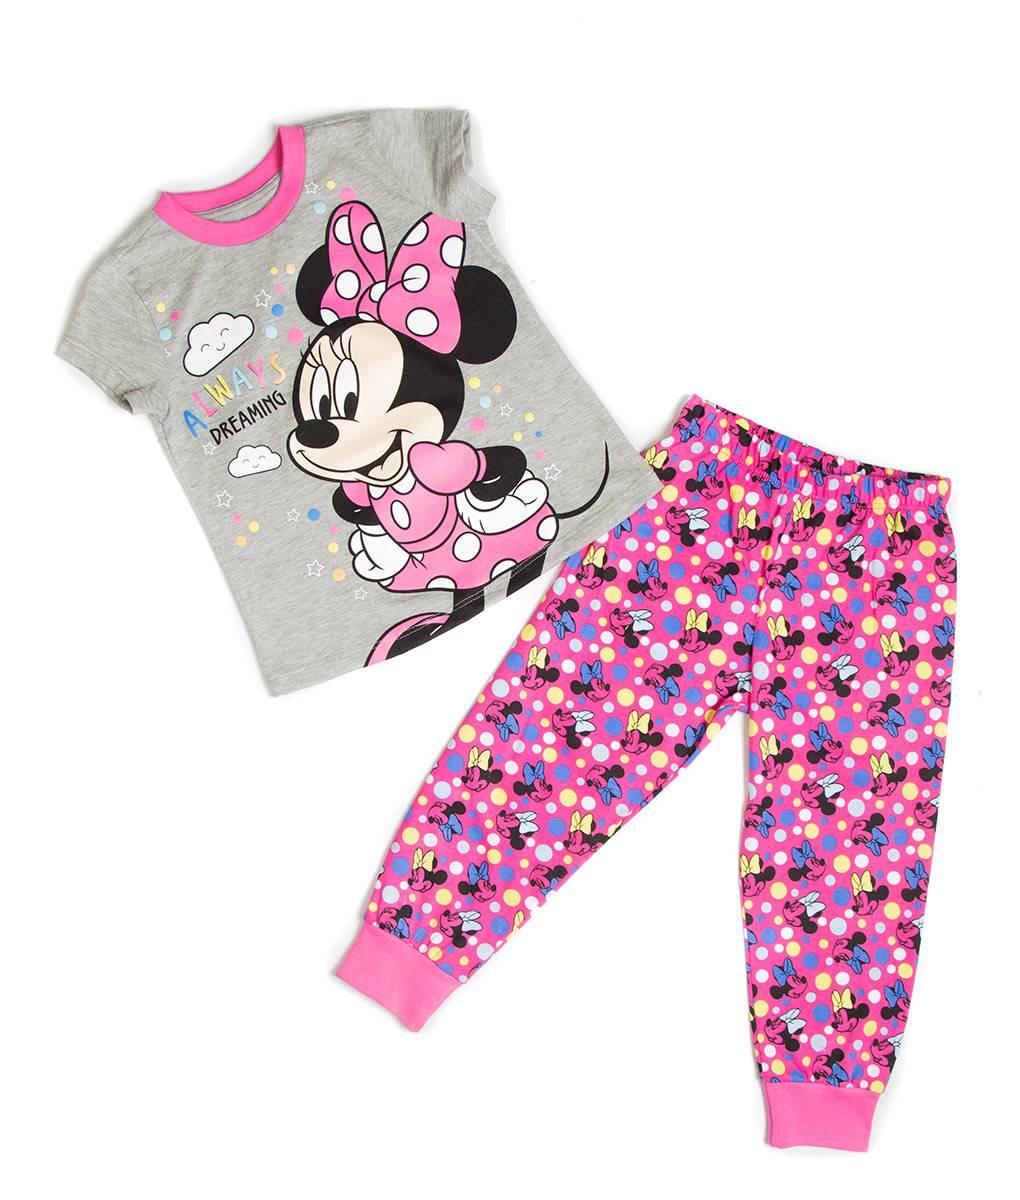 Pijama niña Minnie          Tallas: 5         Precio: $18,00